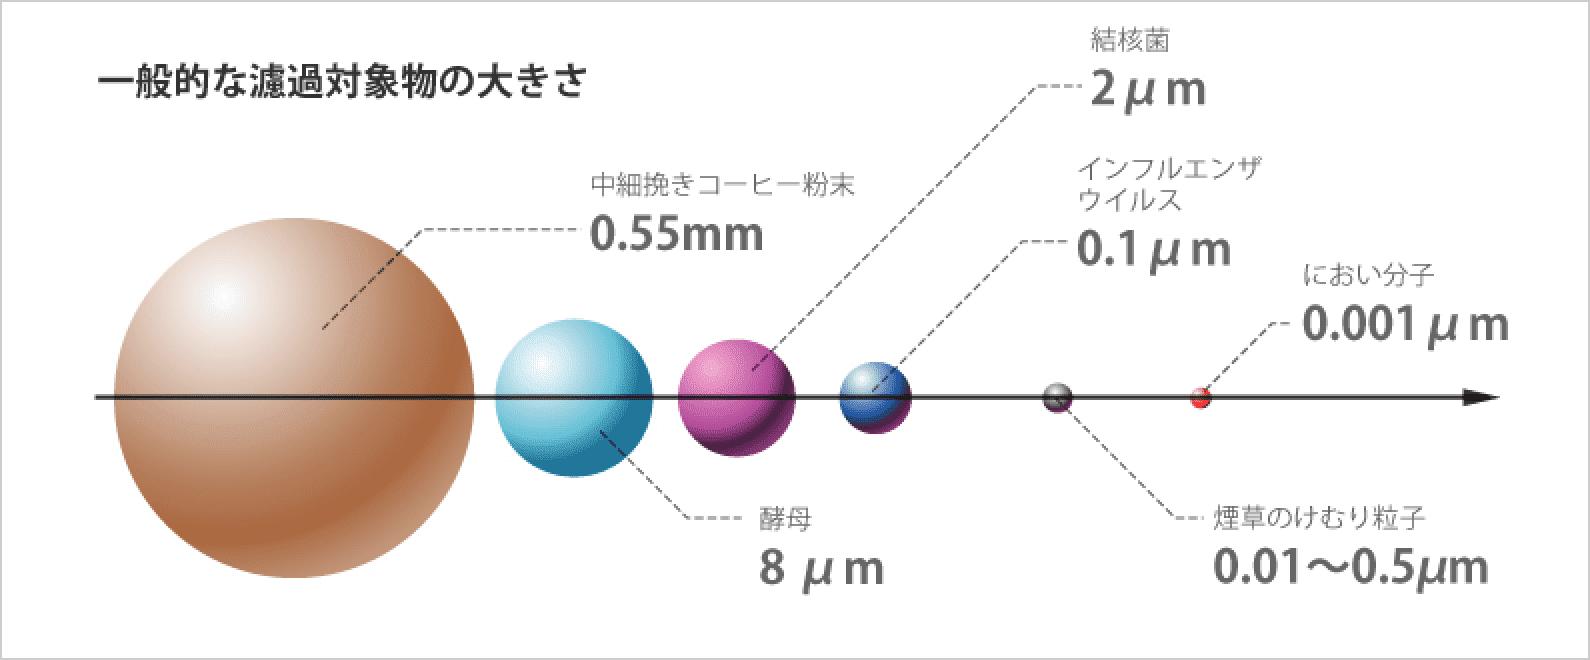 一般的な濾過対象物の大きさ